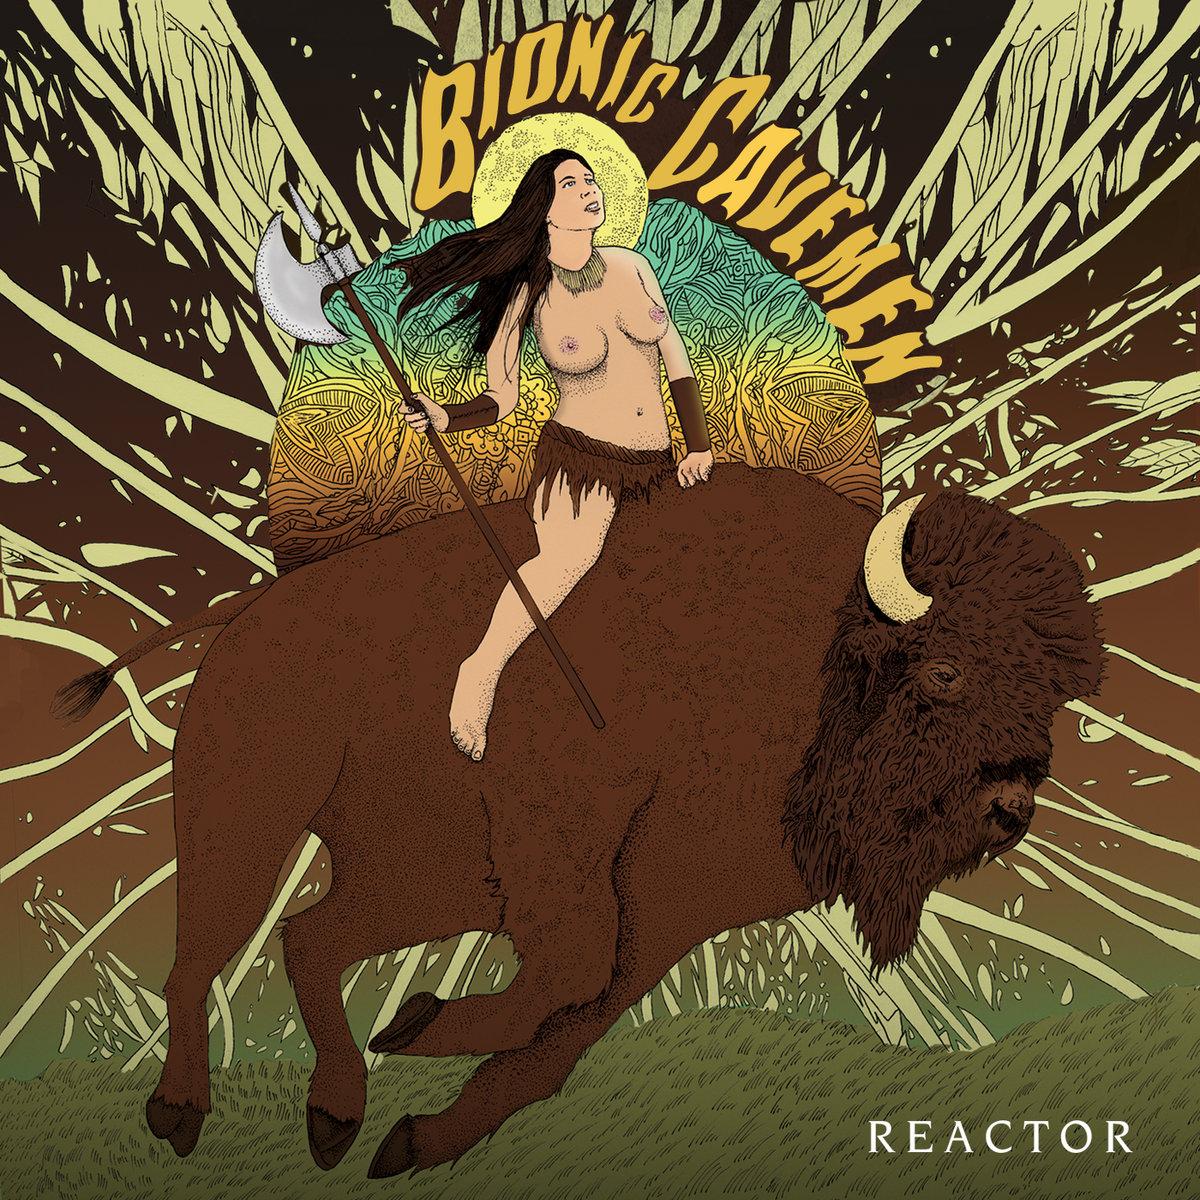 Reactor | Bionic Cavemen